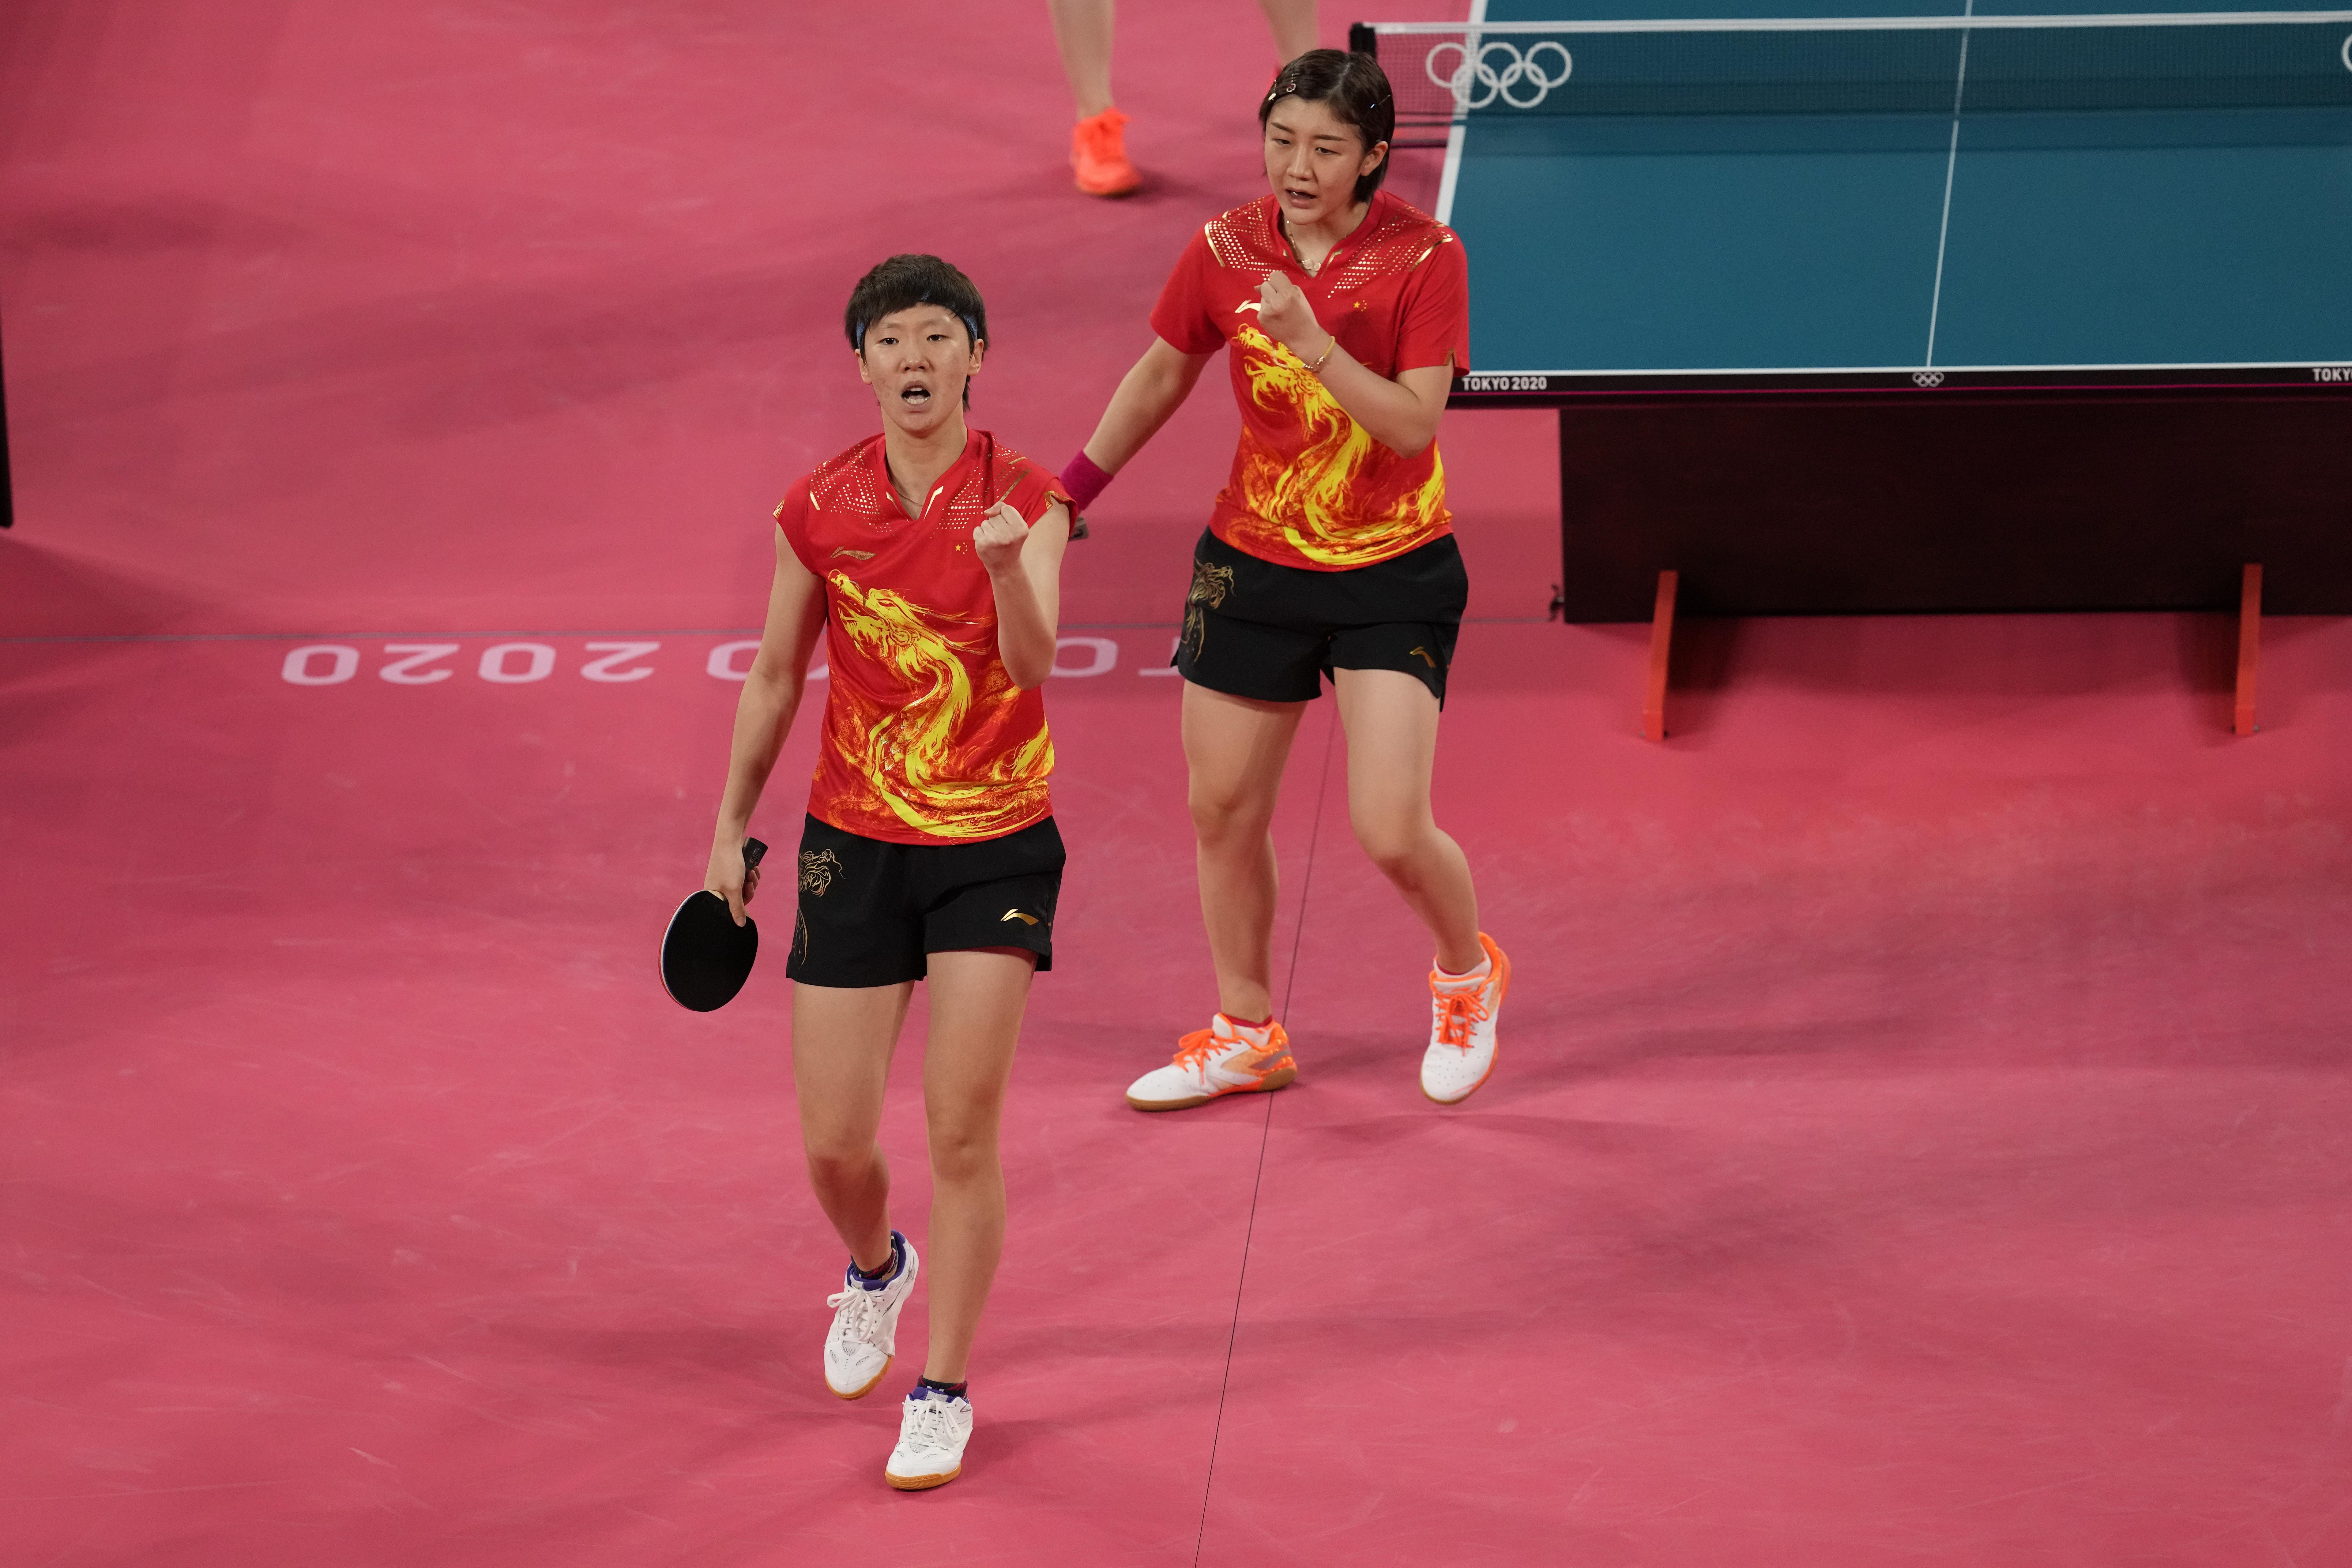 王曼昱(左)和陈梦。